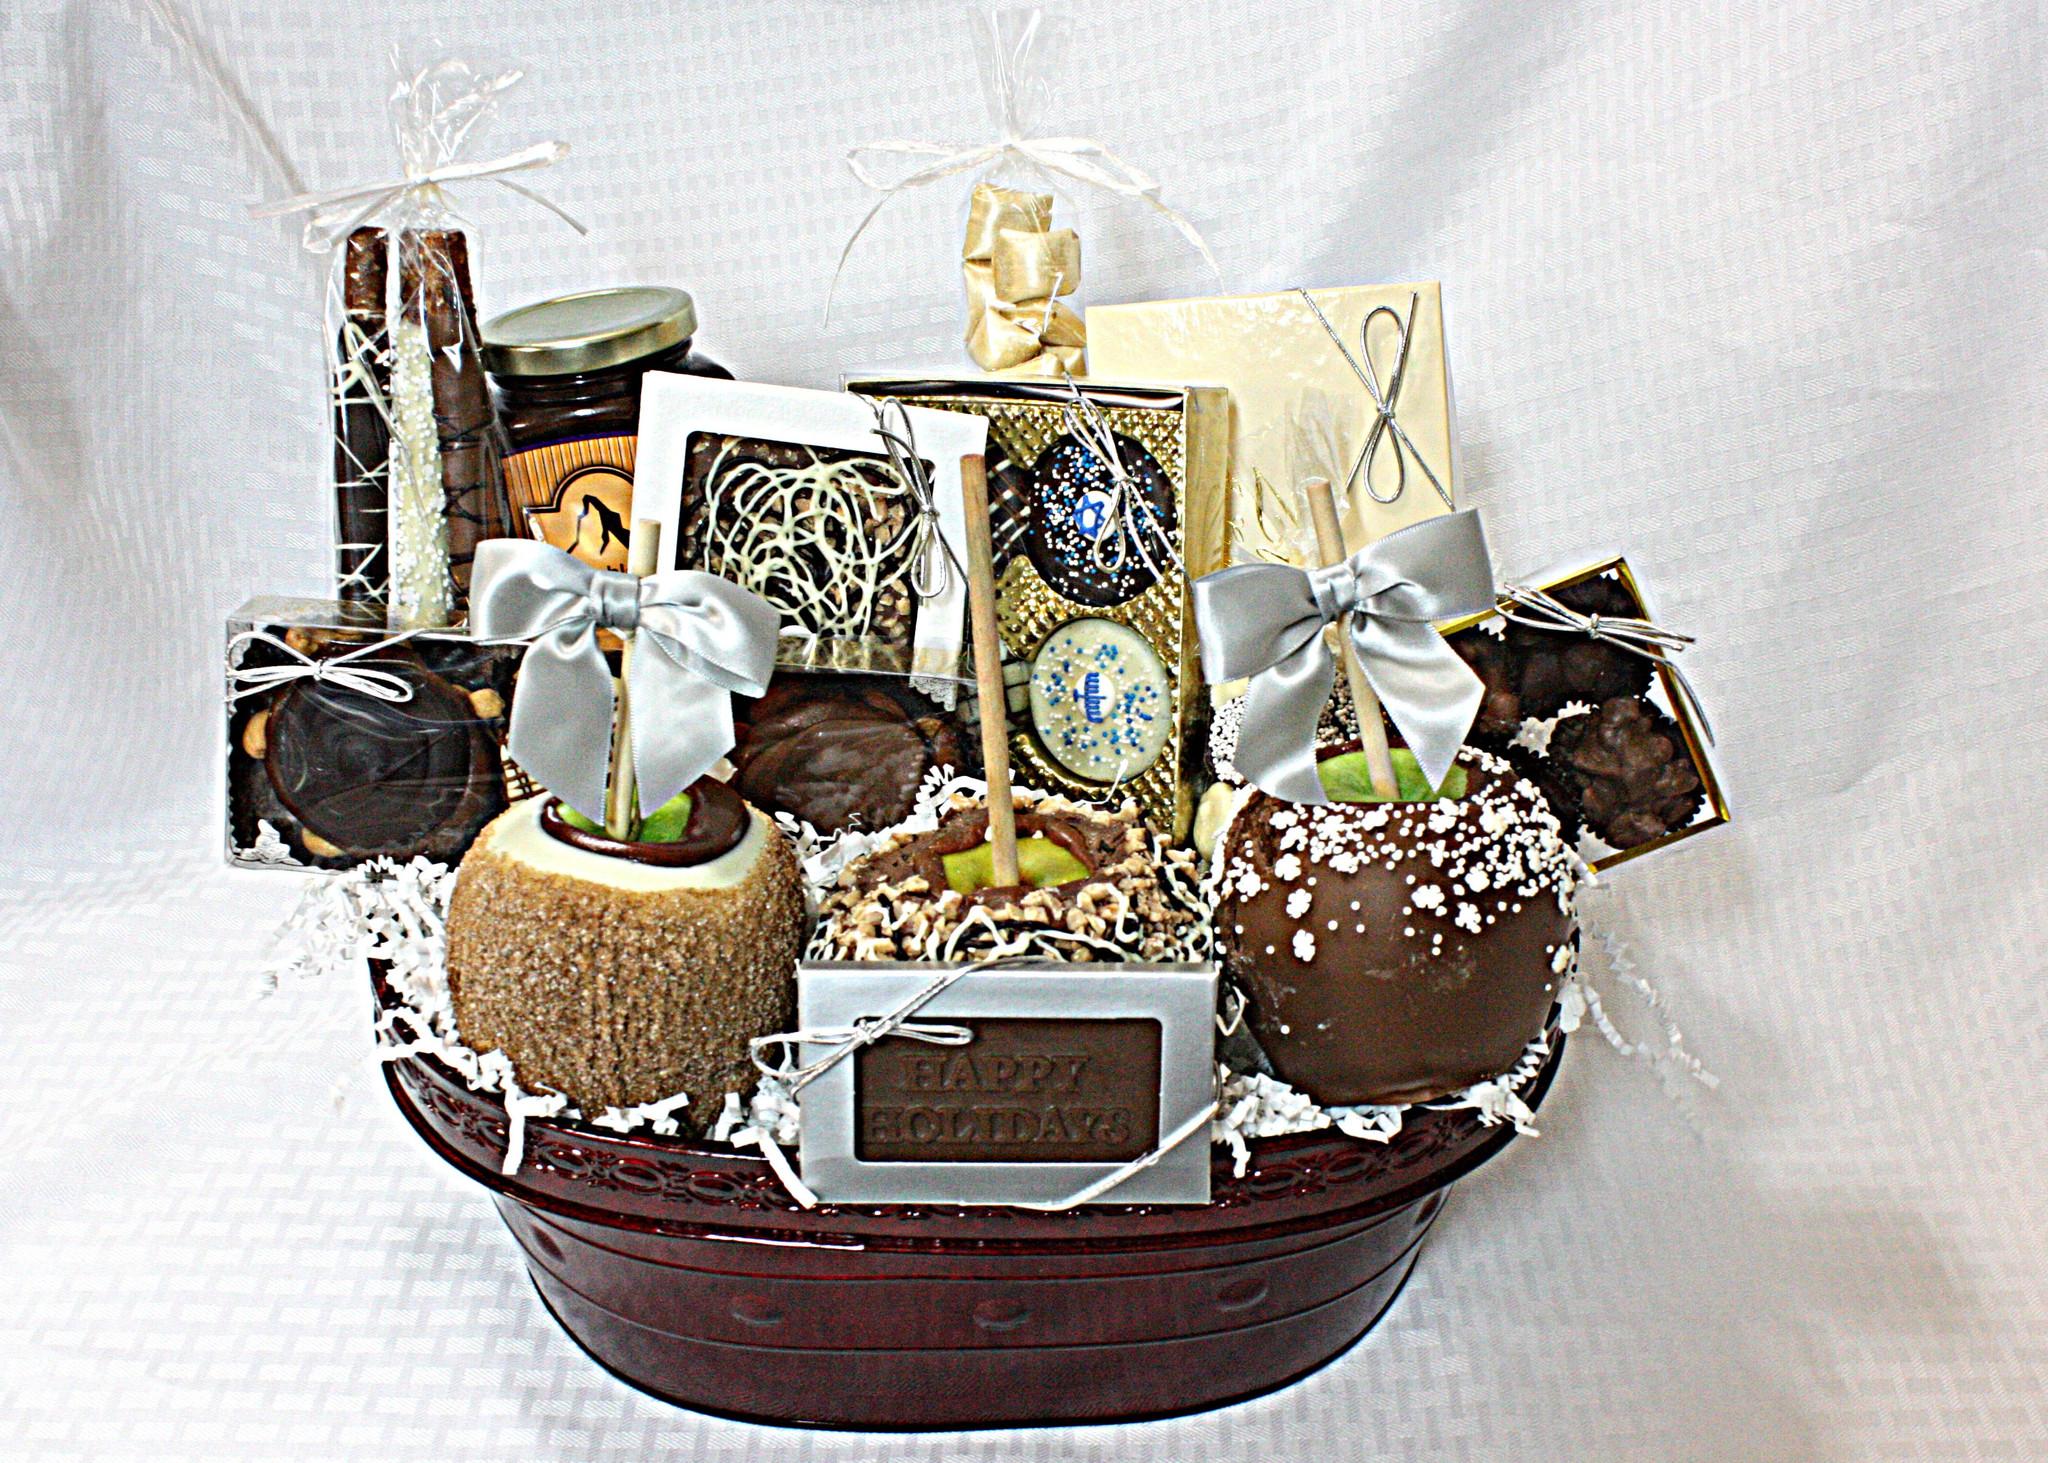 Help fill our gift baskets shepherd 39 s center blog for Homemade baked goods gift basket ideas